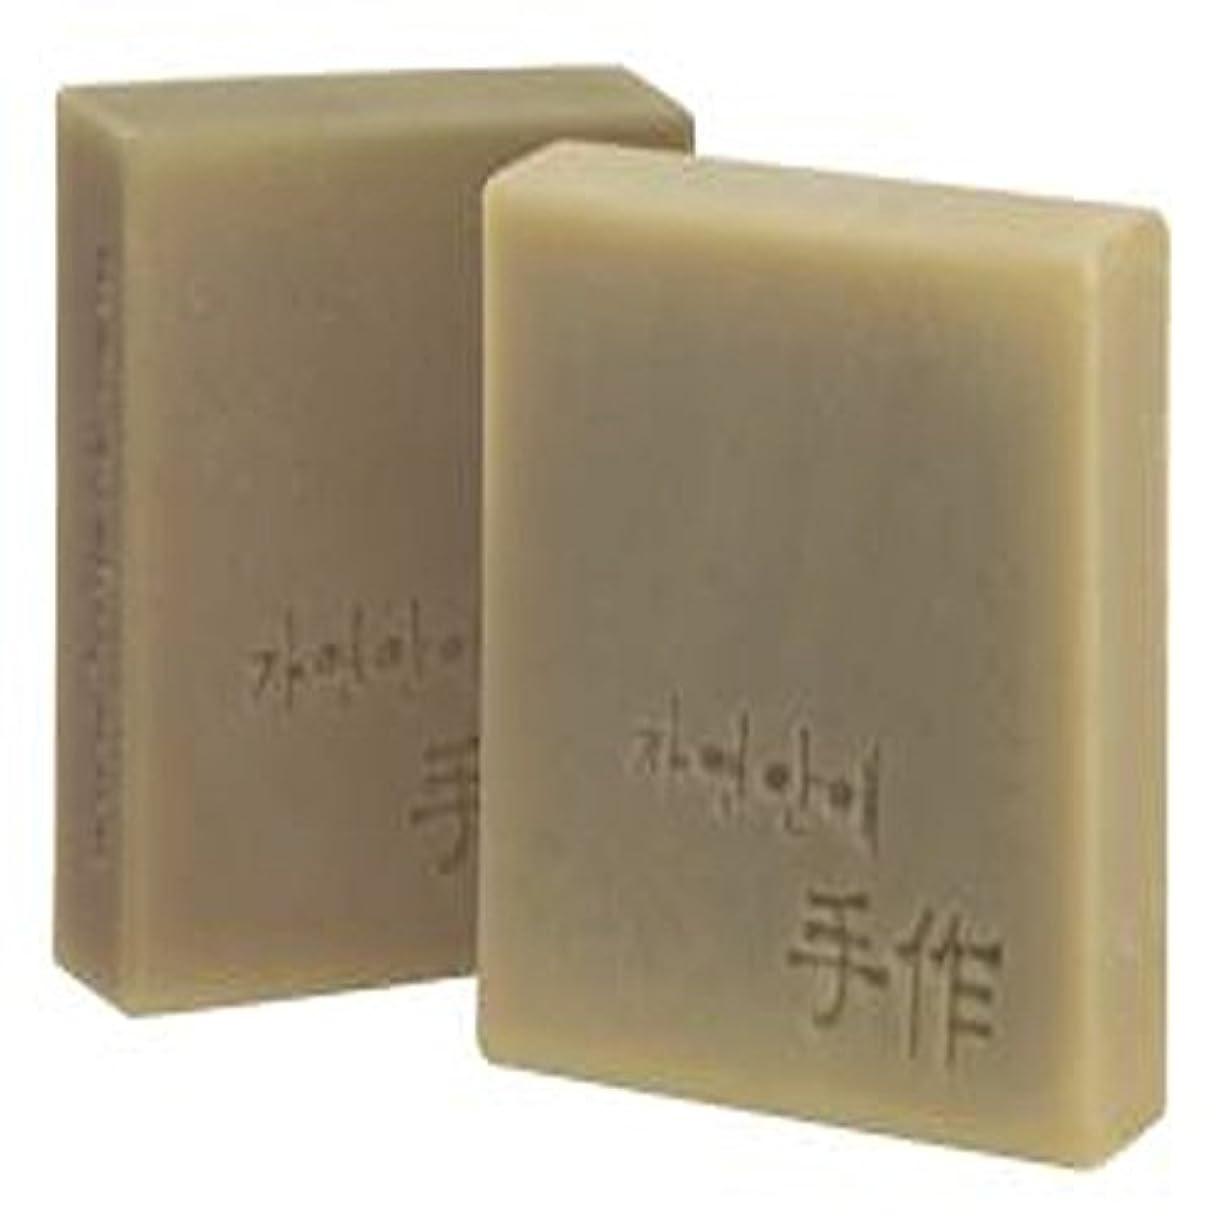 ウナギきらめきホラーNatural organic 有機天然ソープ 固形 無添加 洗顔せっけんクレンジング 石鹸 [並行輸入品] (清州)